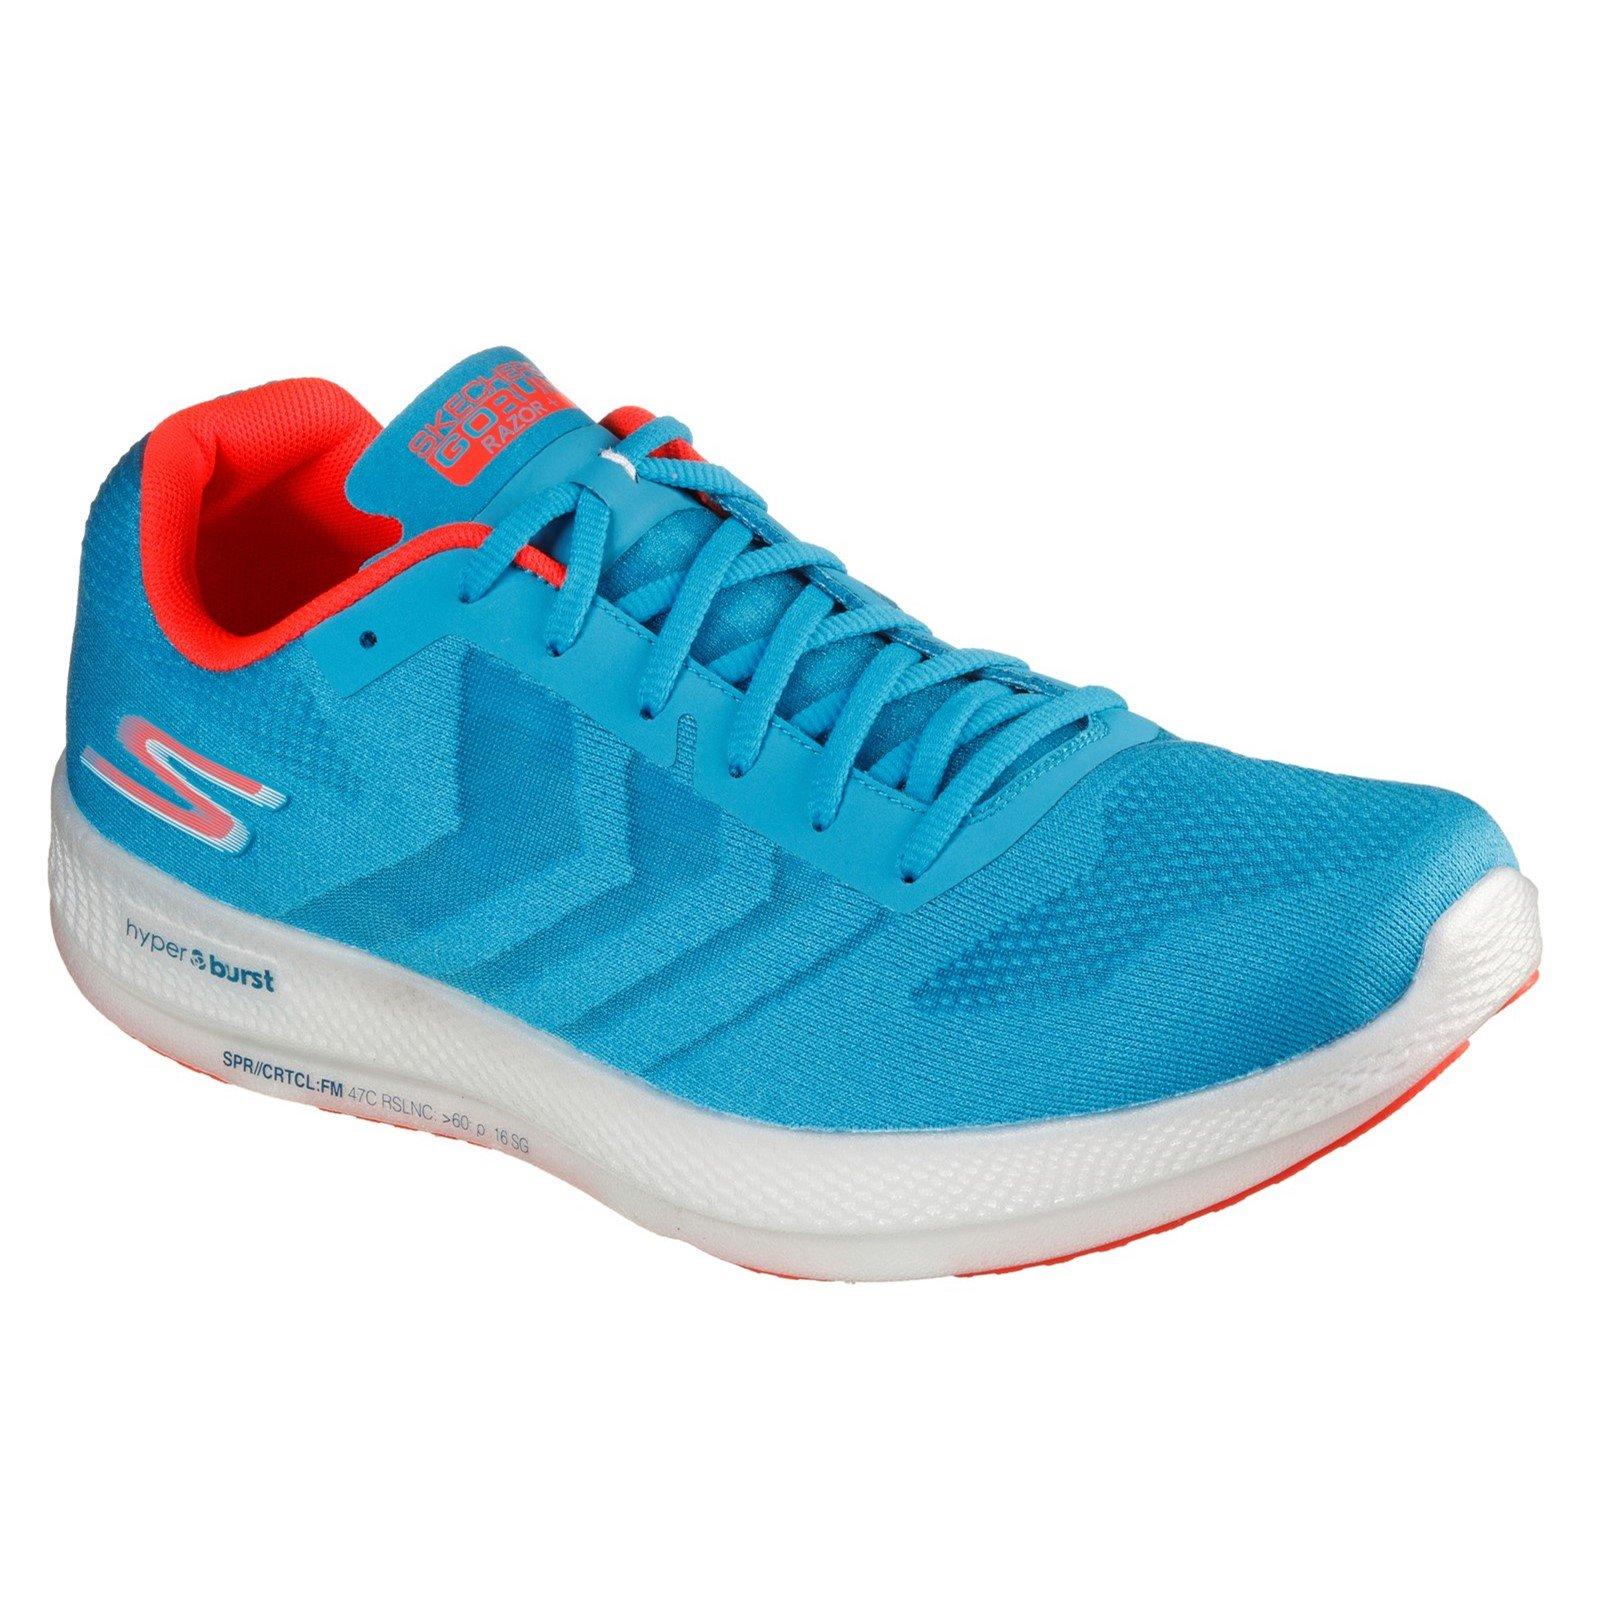 Skechers Men's Go Run Razor Trainer Multicolor 32699 - Blue/Coral 8